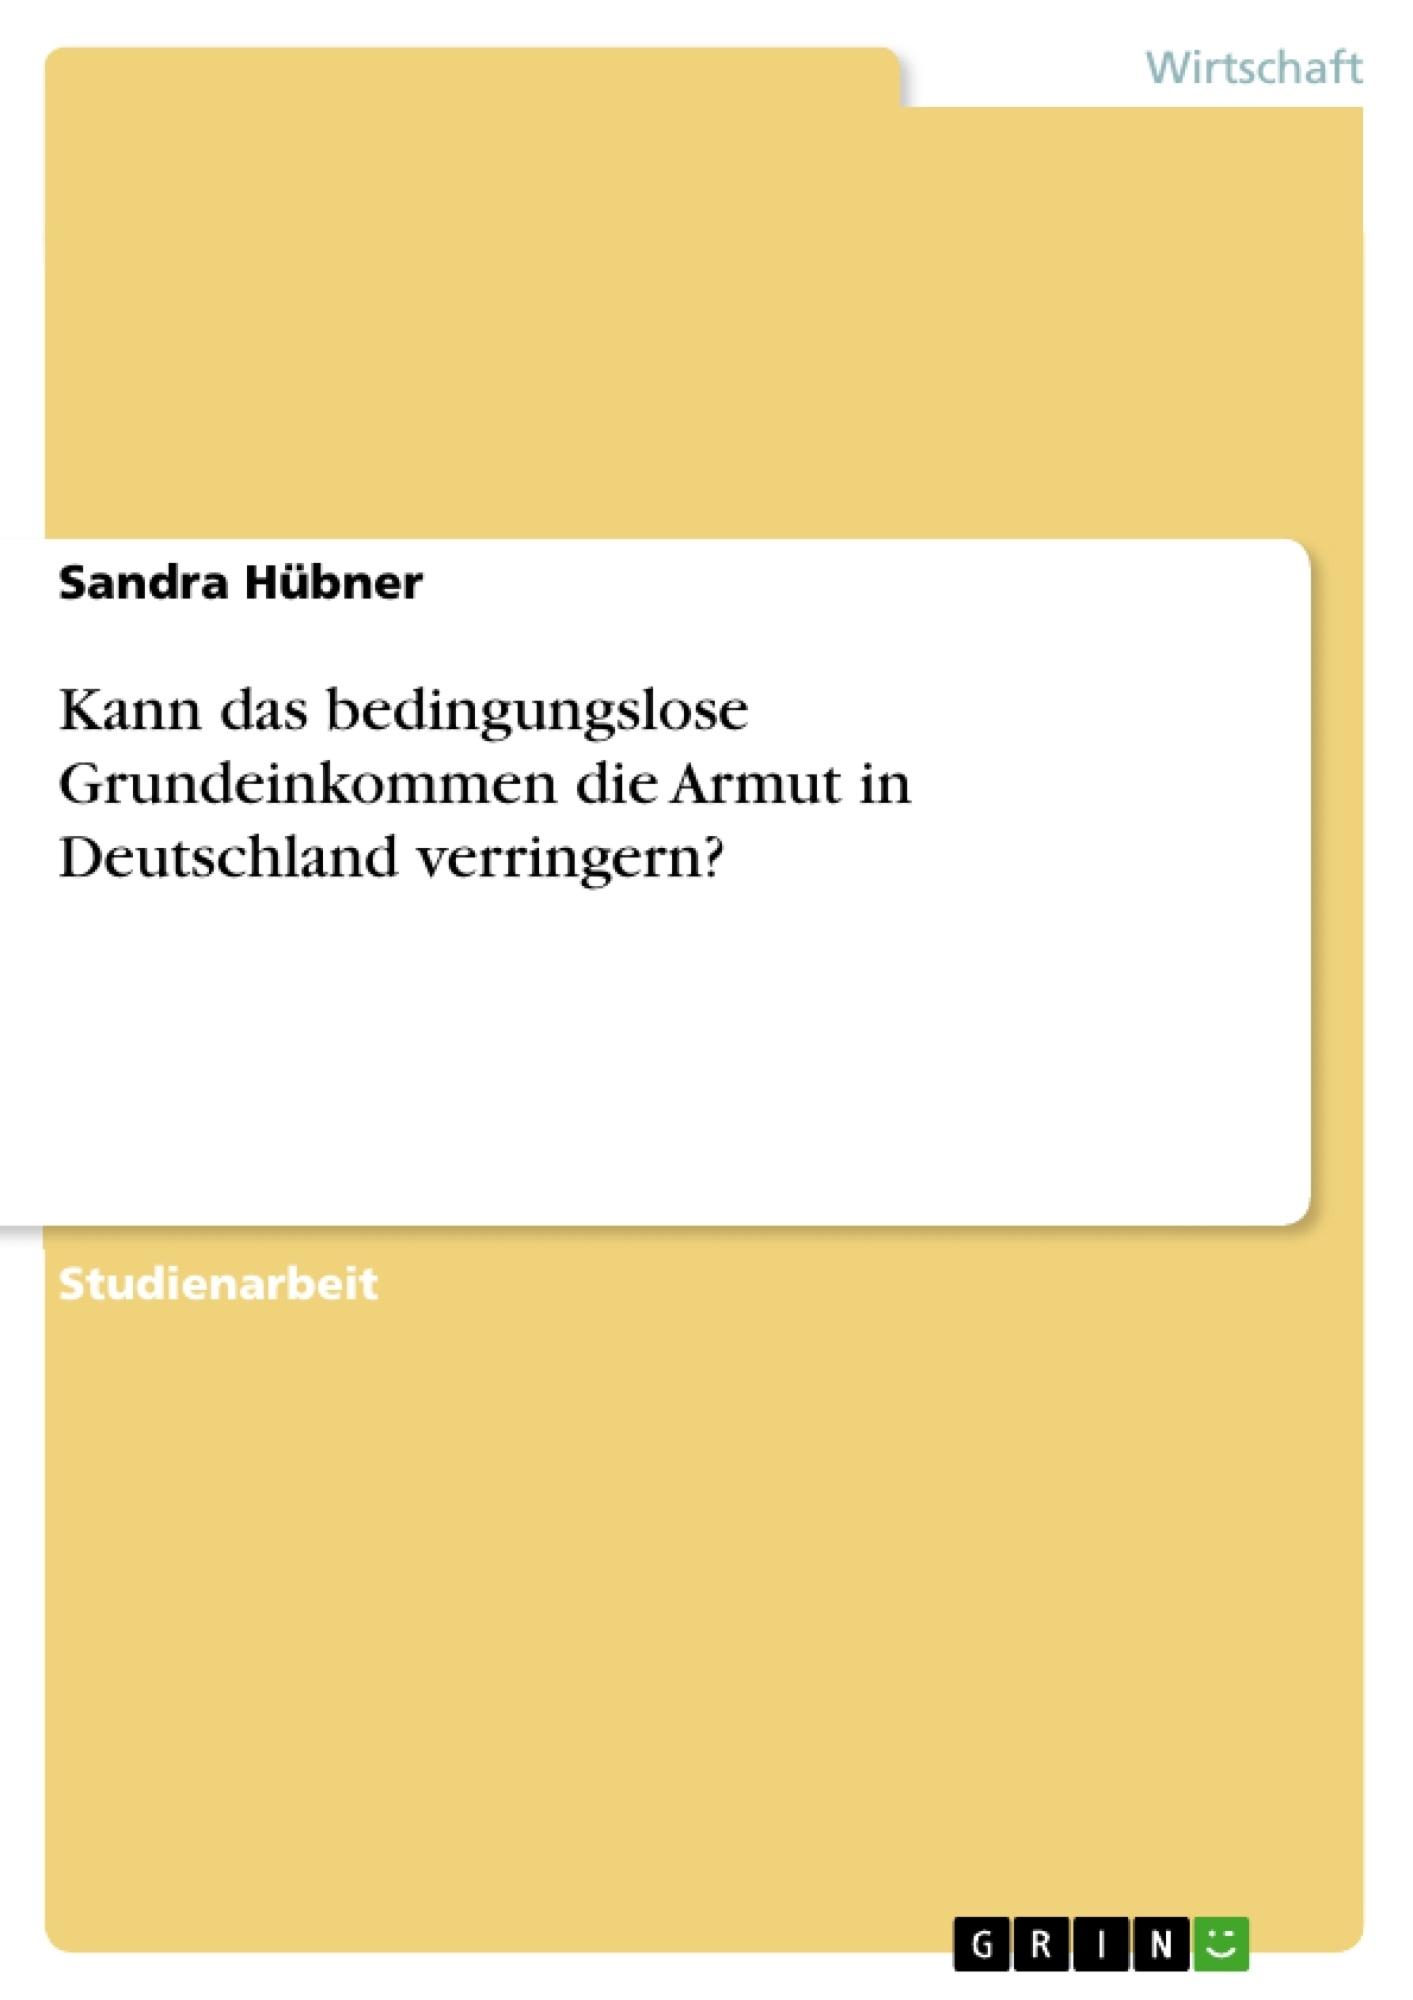 Titel: Kann das bedingungslose Grundeinkommen die Armut in Deutschland verringern?